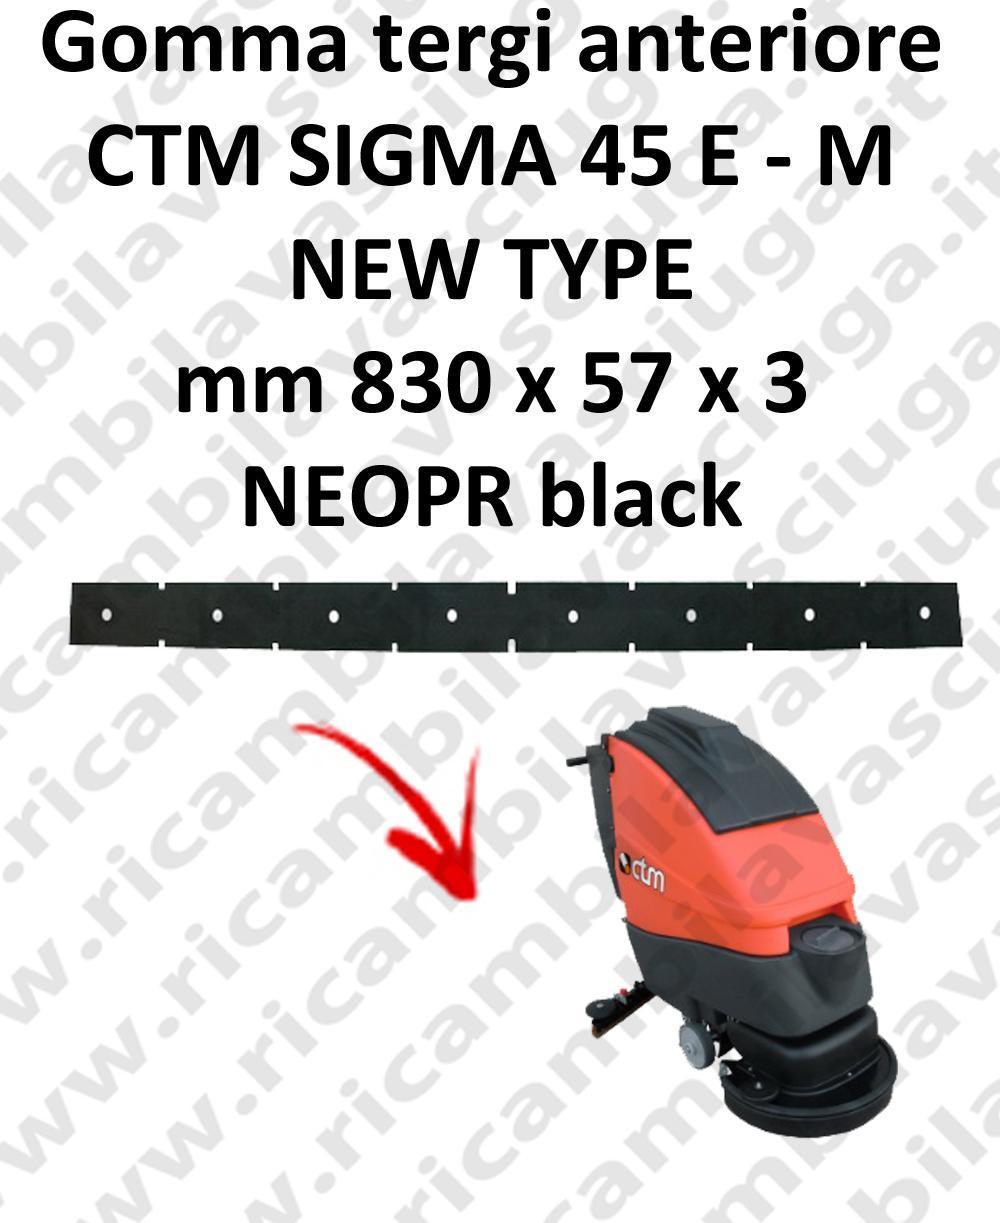 SIGMA 45 et - M new type BAVETTE autolaveuses AVANT pour CTM